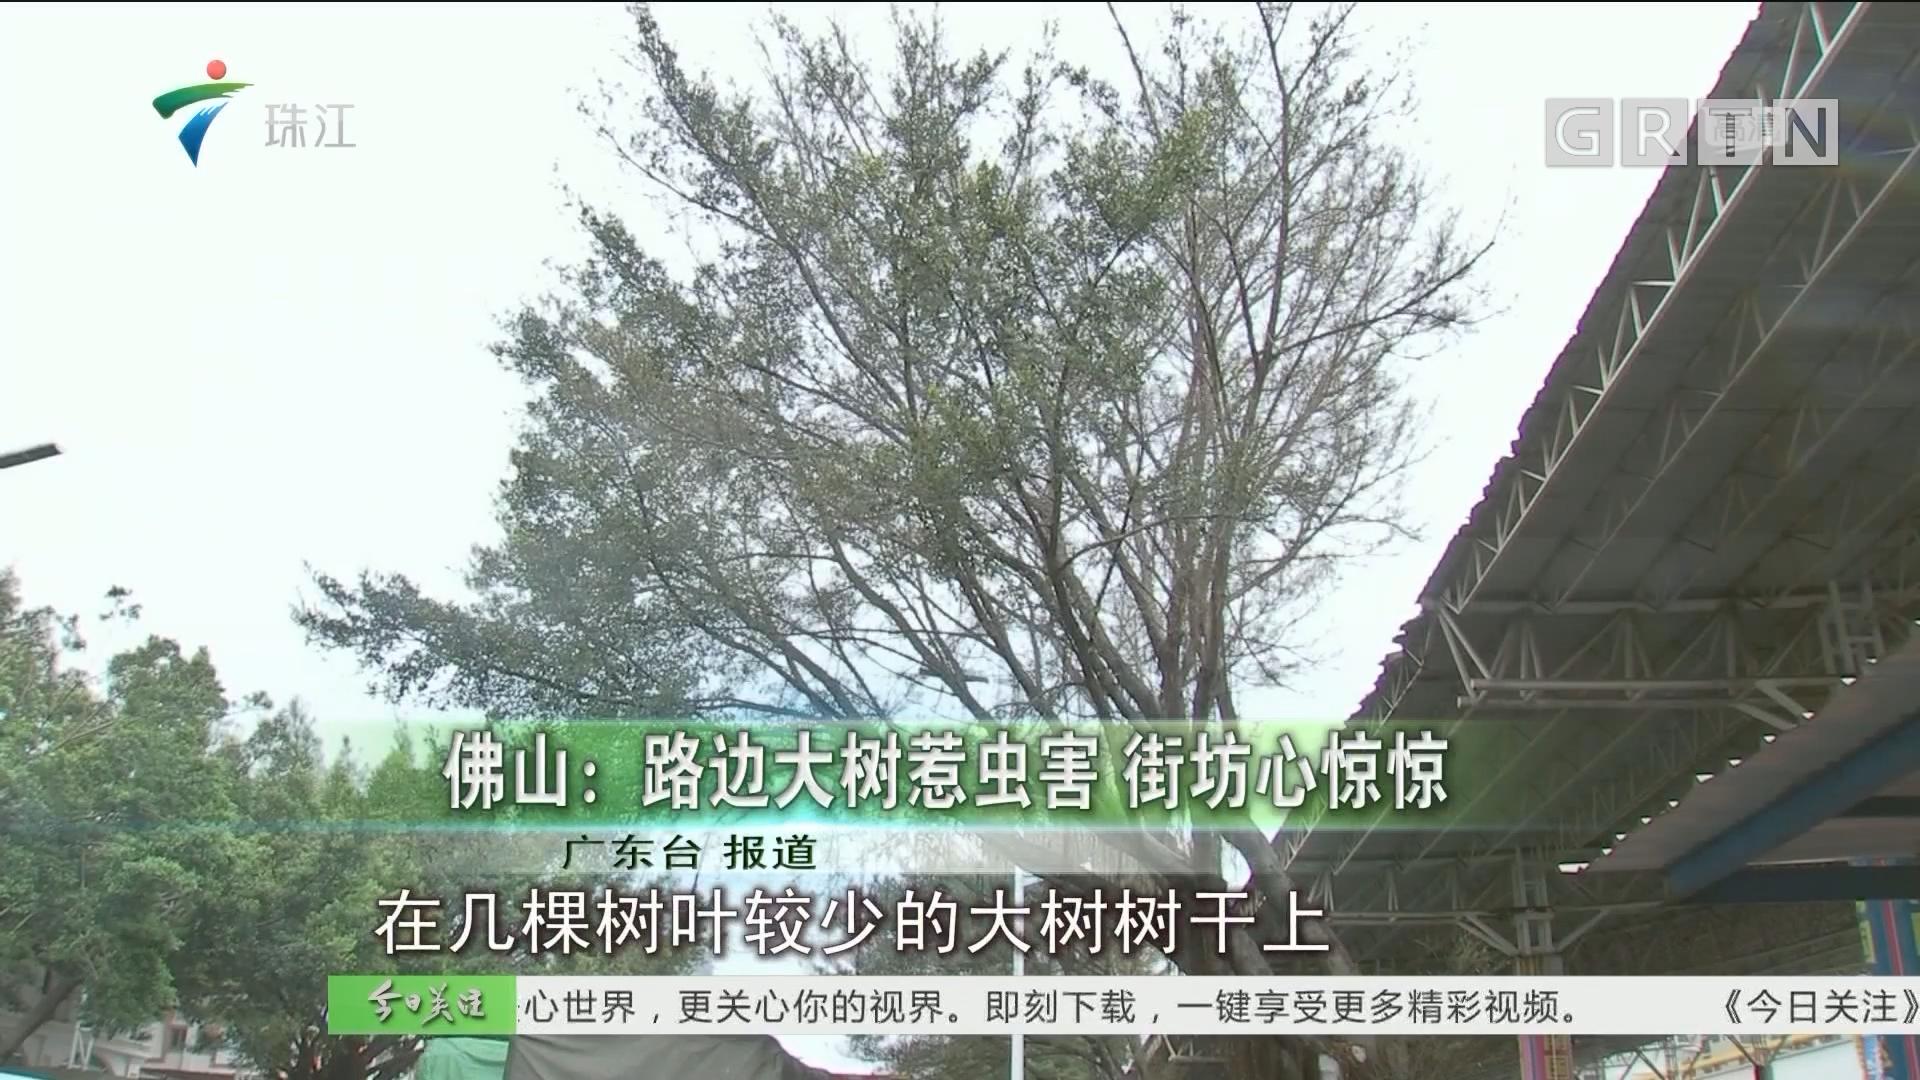 佛山:路边大树惹虫害 街坊心惊惊